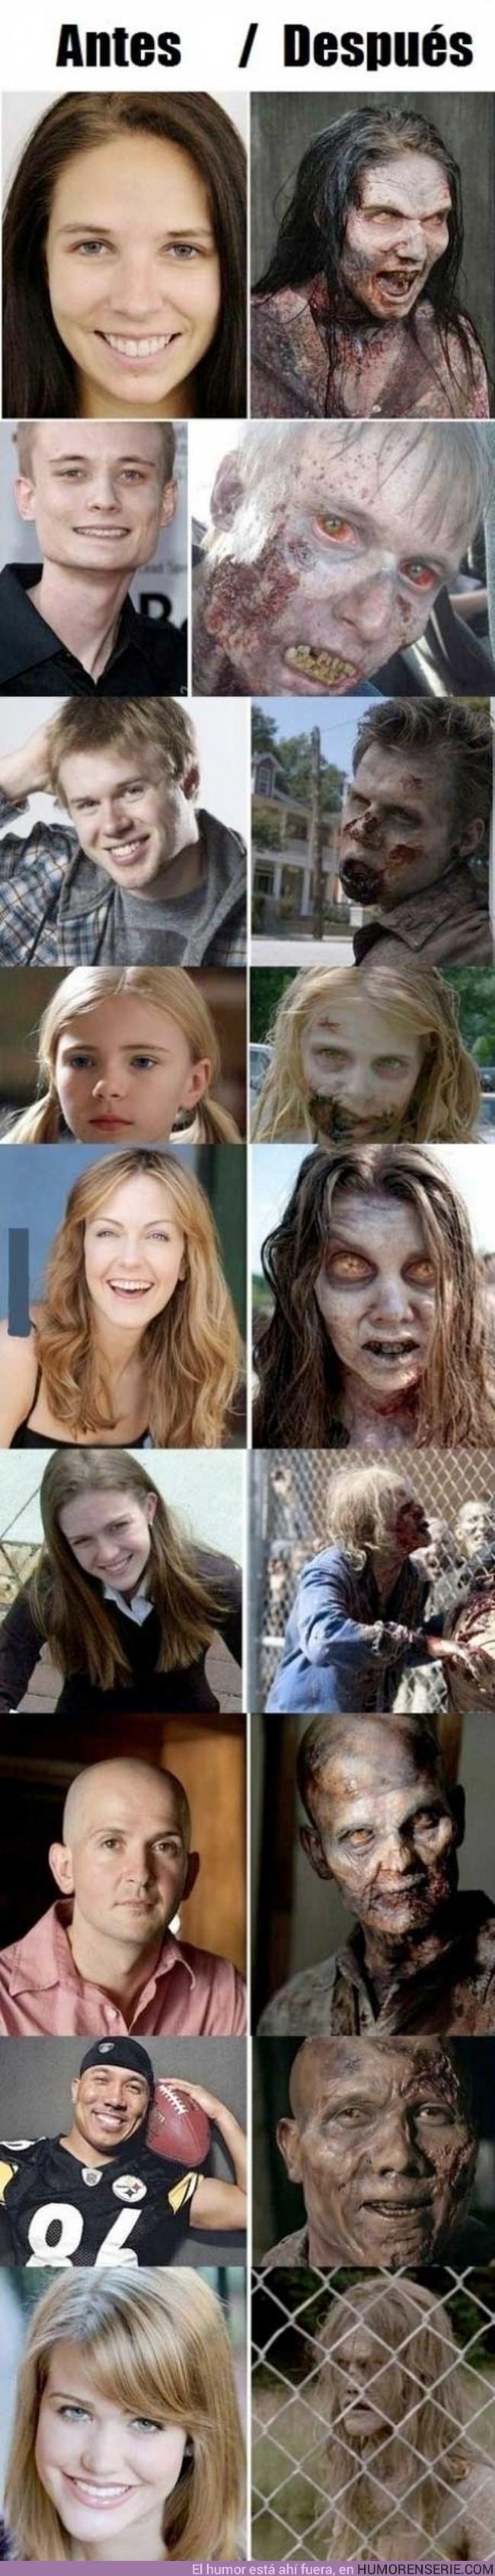 132 - THE WALKING DEAD - El antes y el después de algunos zombies